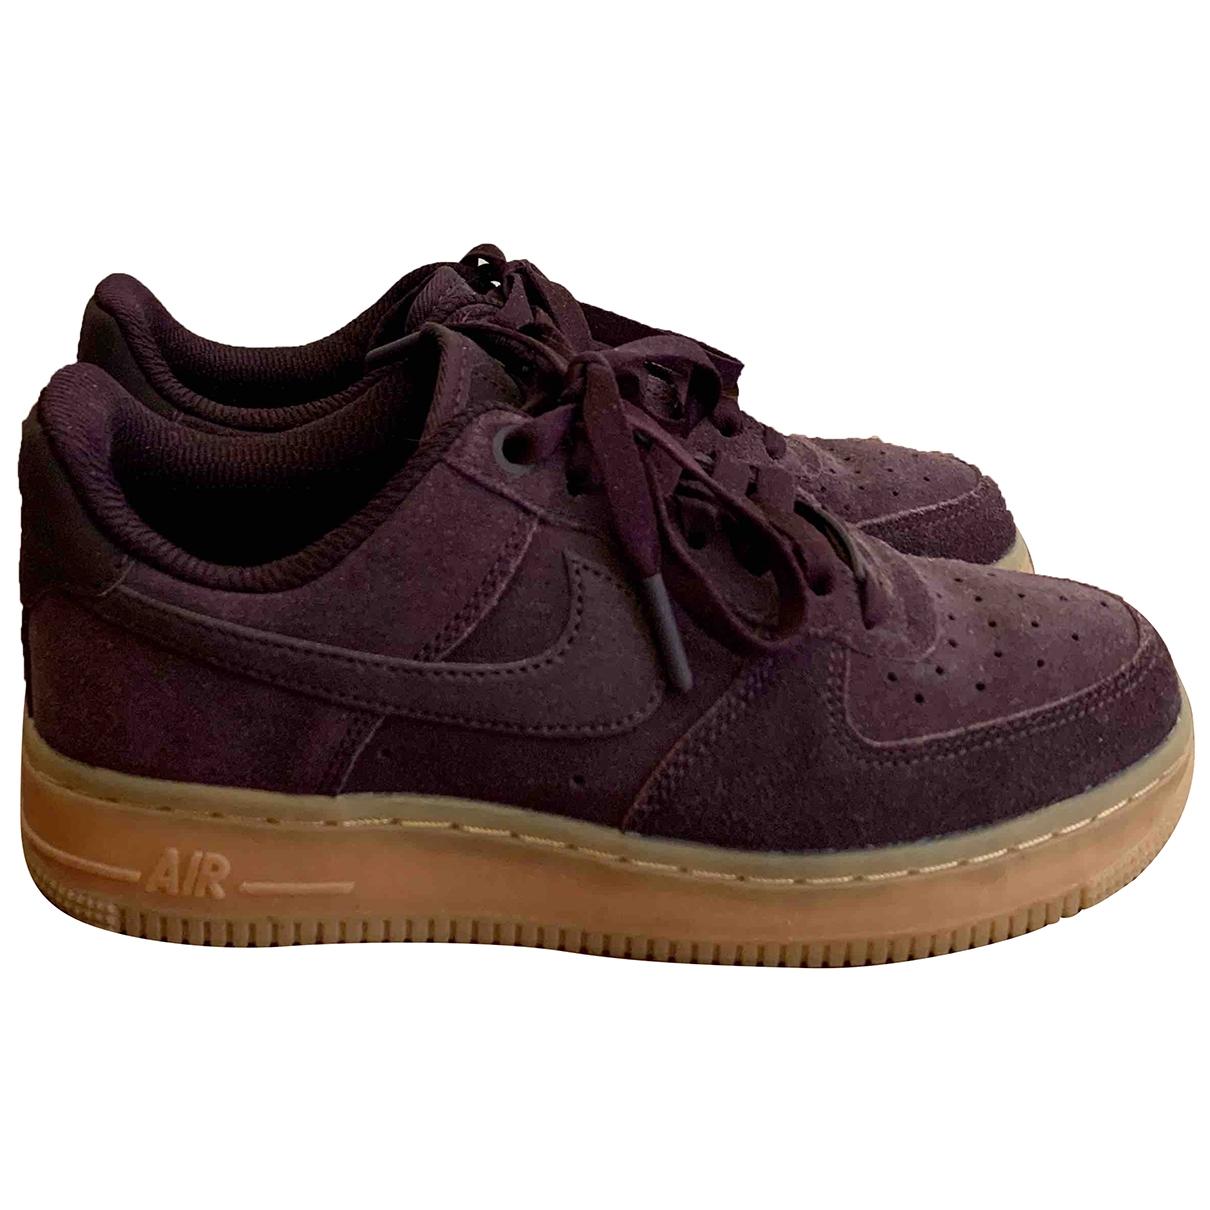 Nike - Baskets Air Force 1 pour femme en suede - violet